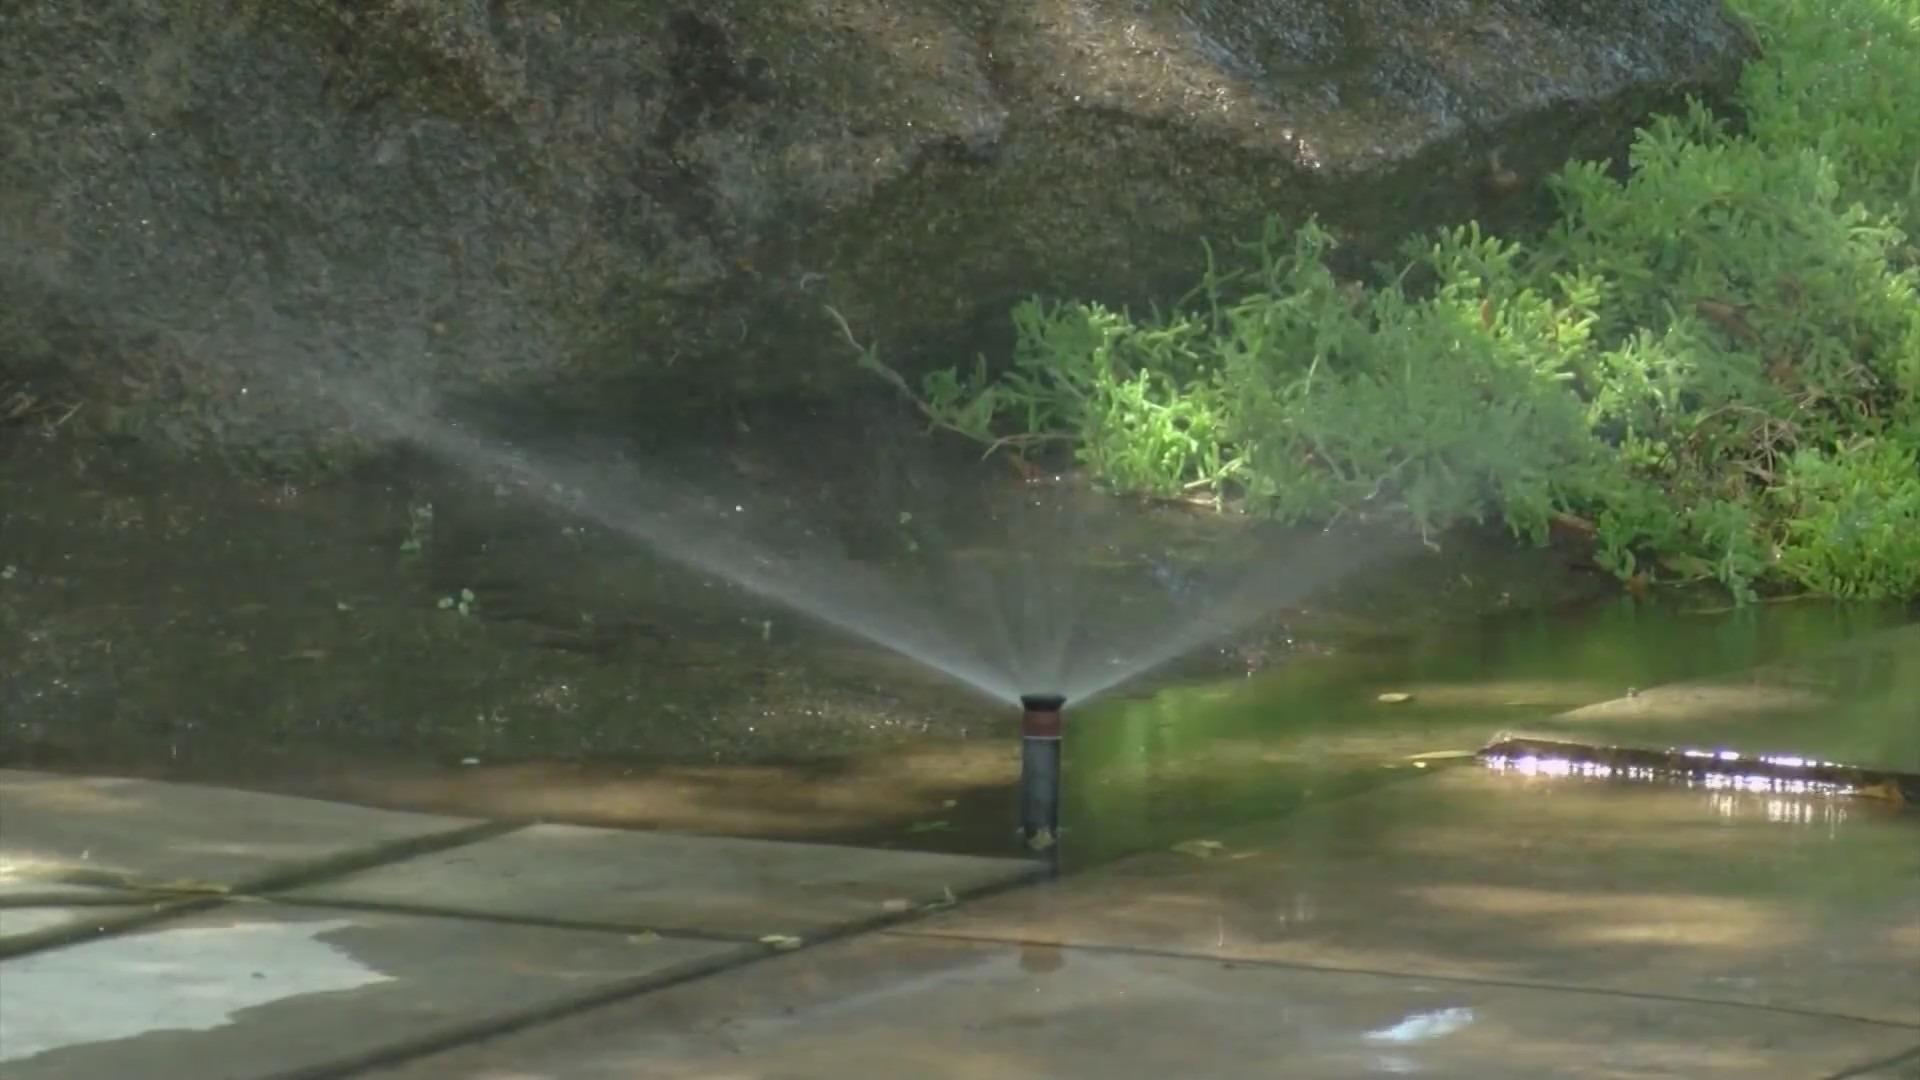 Sprinkler head spraying water on yard